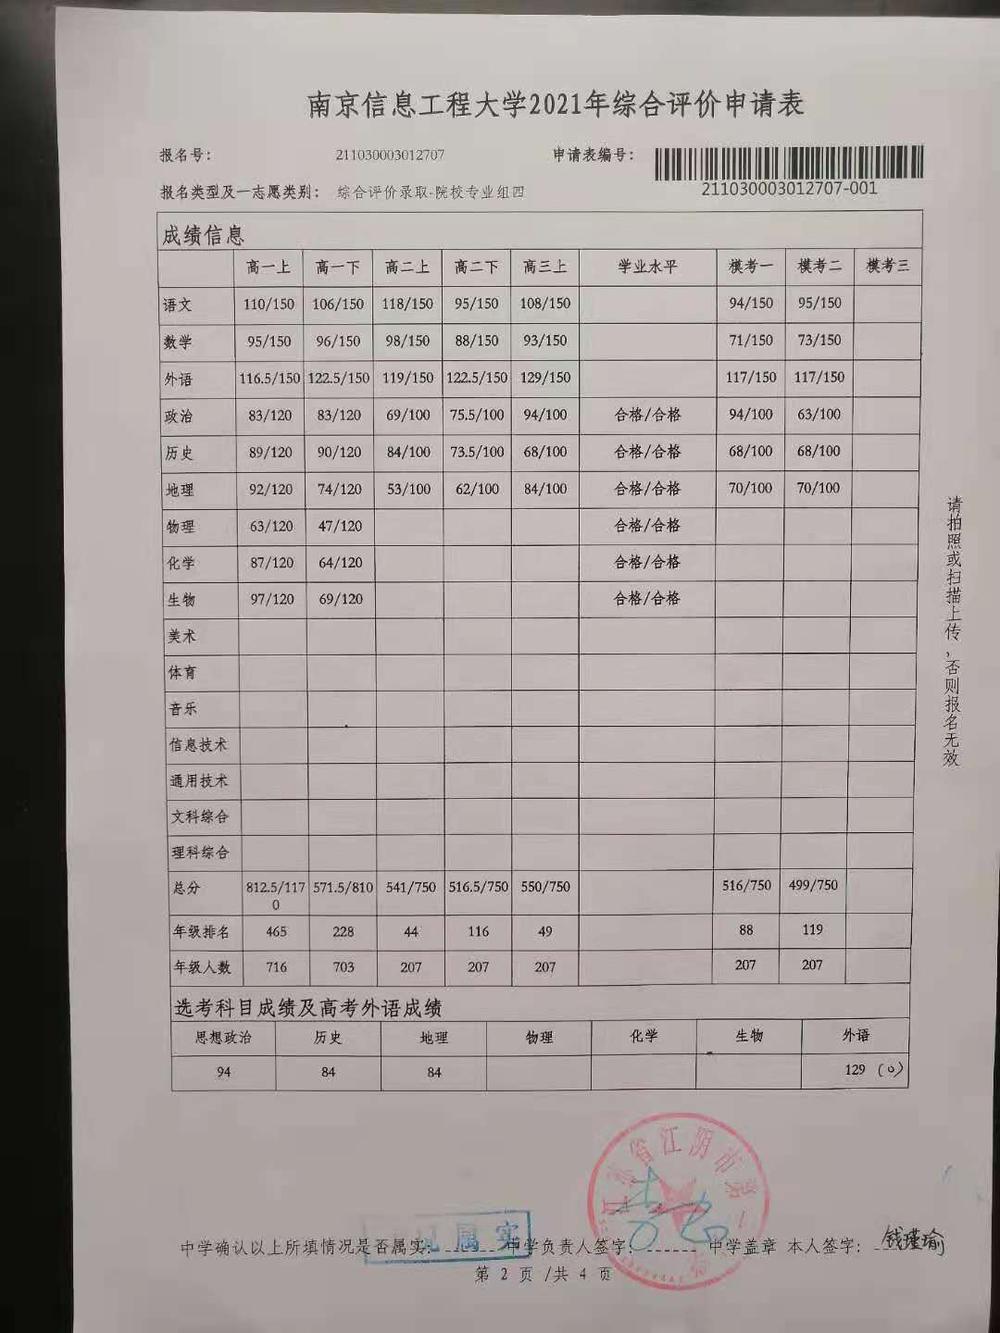 南京信息工程大学公示材料3.jpg